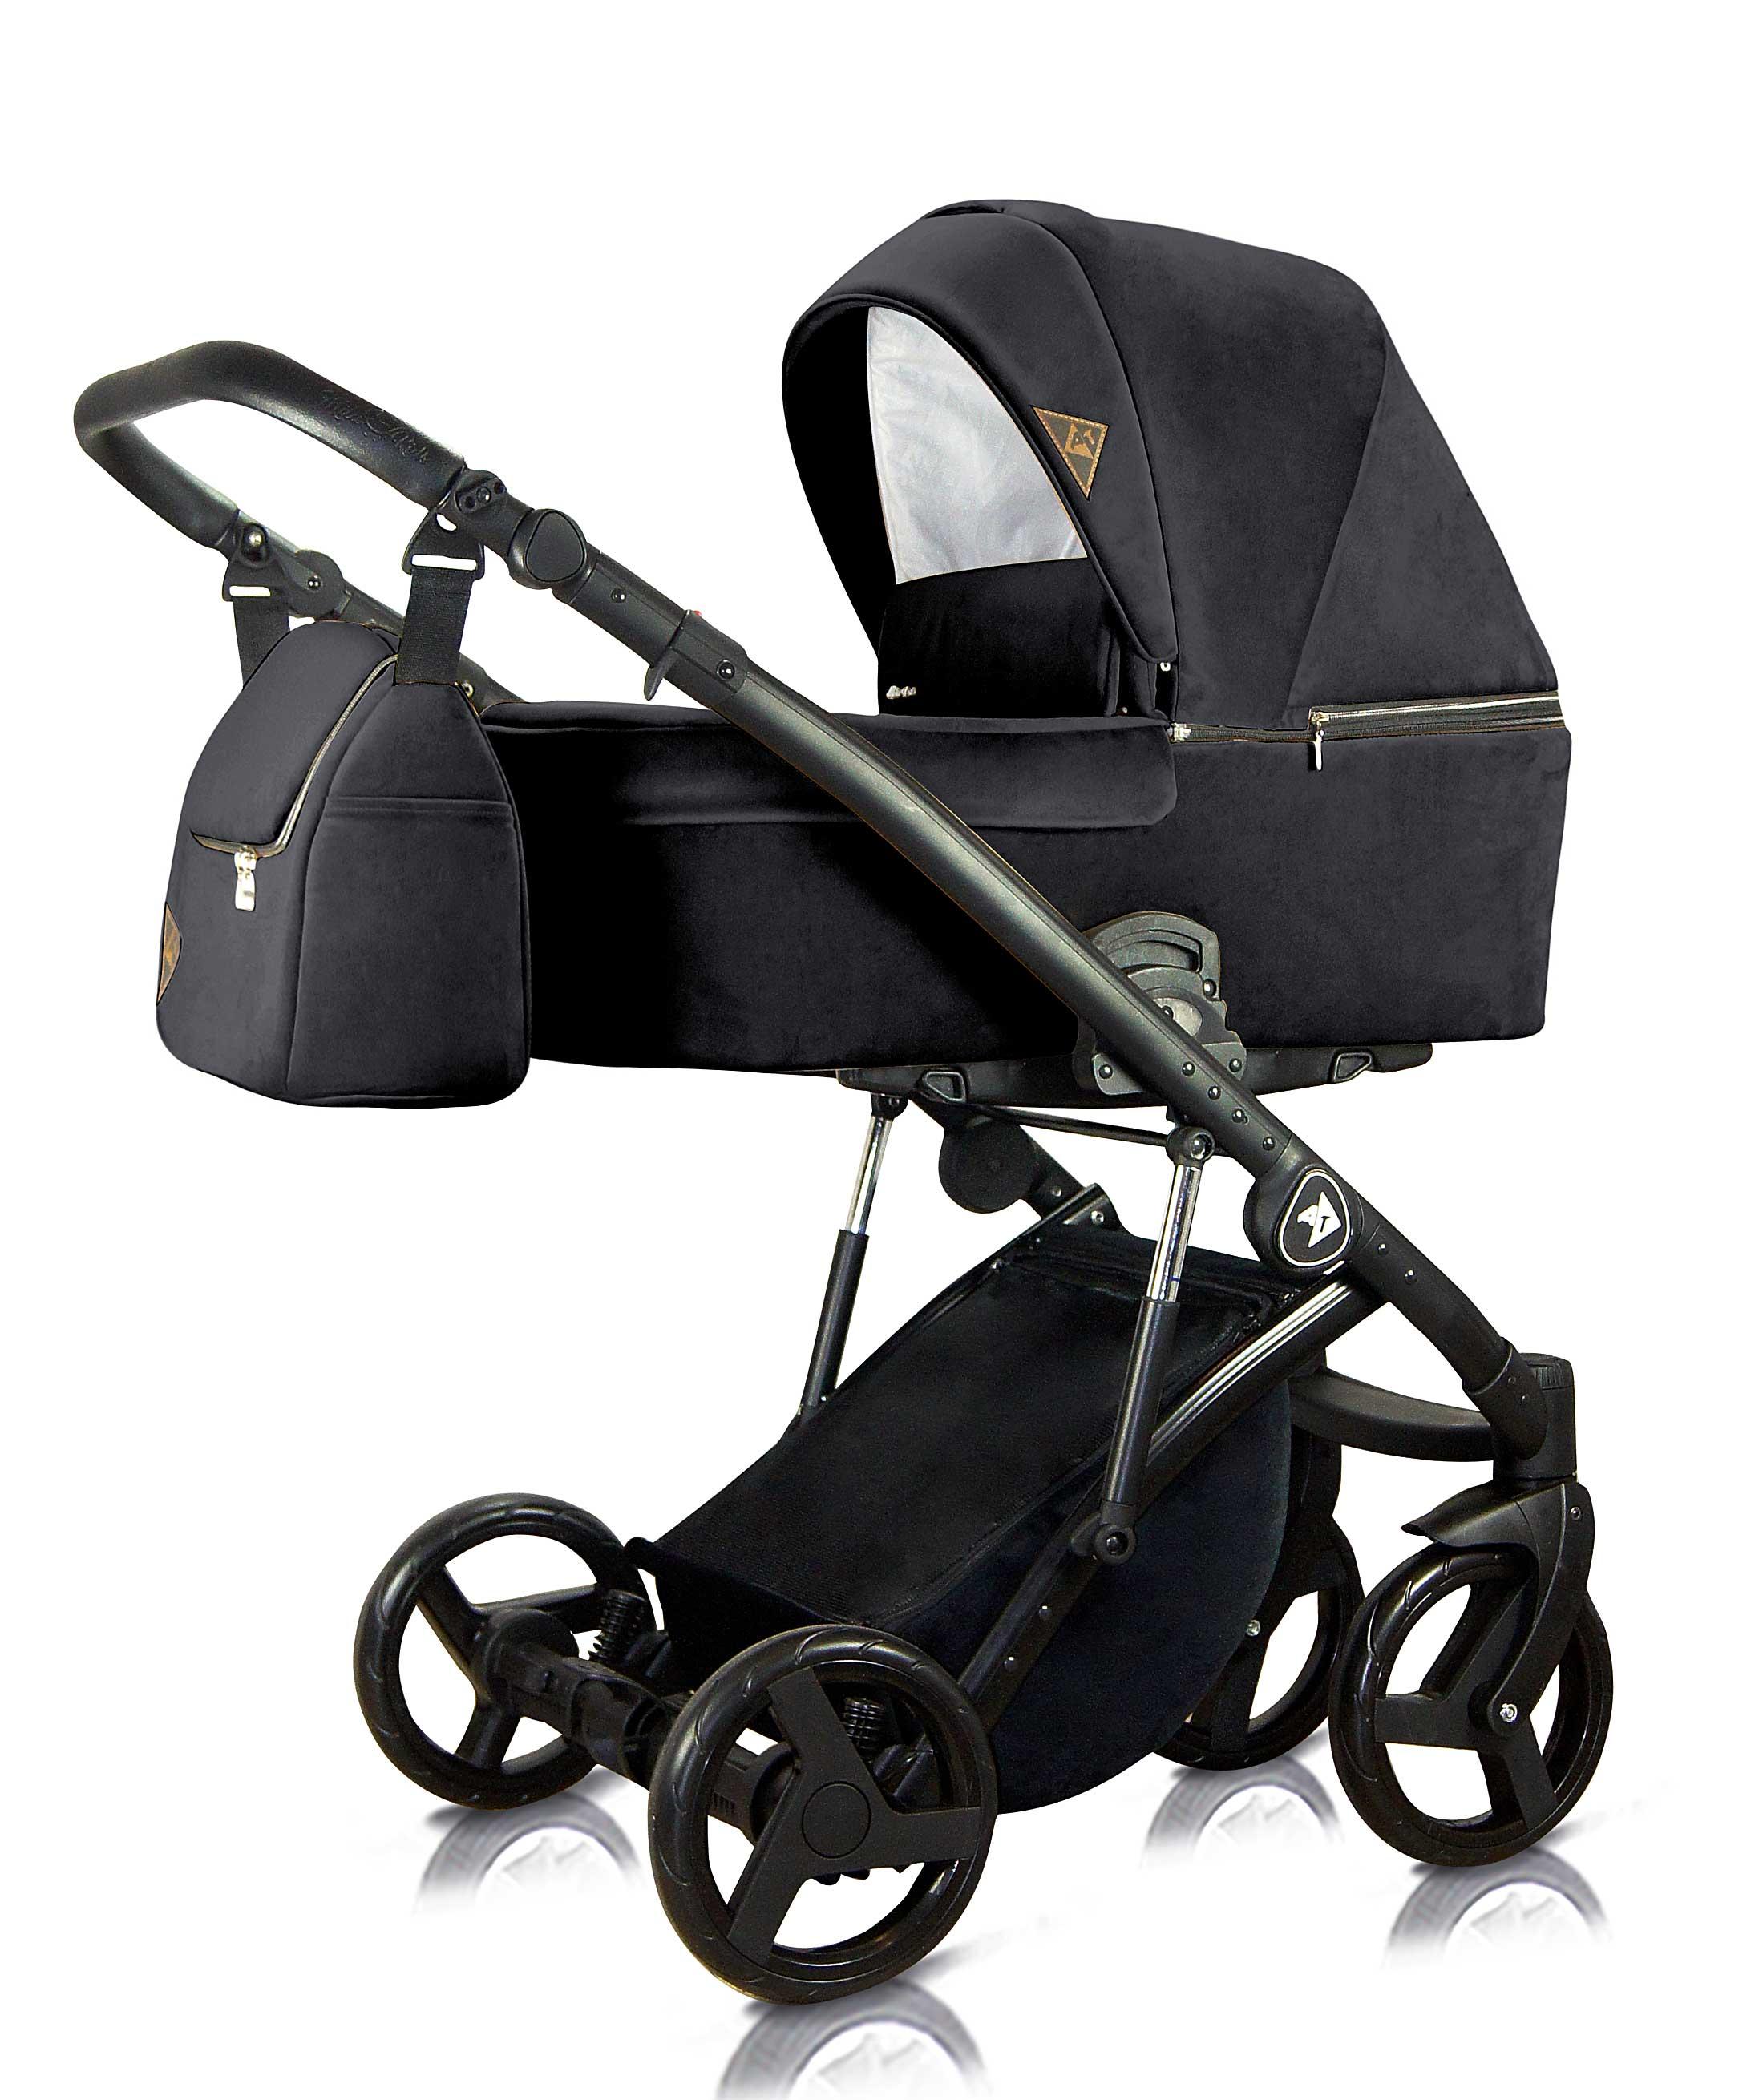 wózek dziecięcy wielofunkcyjny Atteso Milu Kids